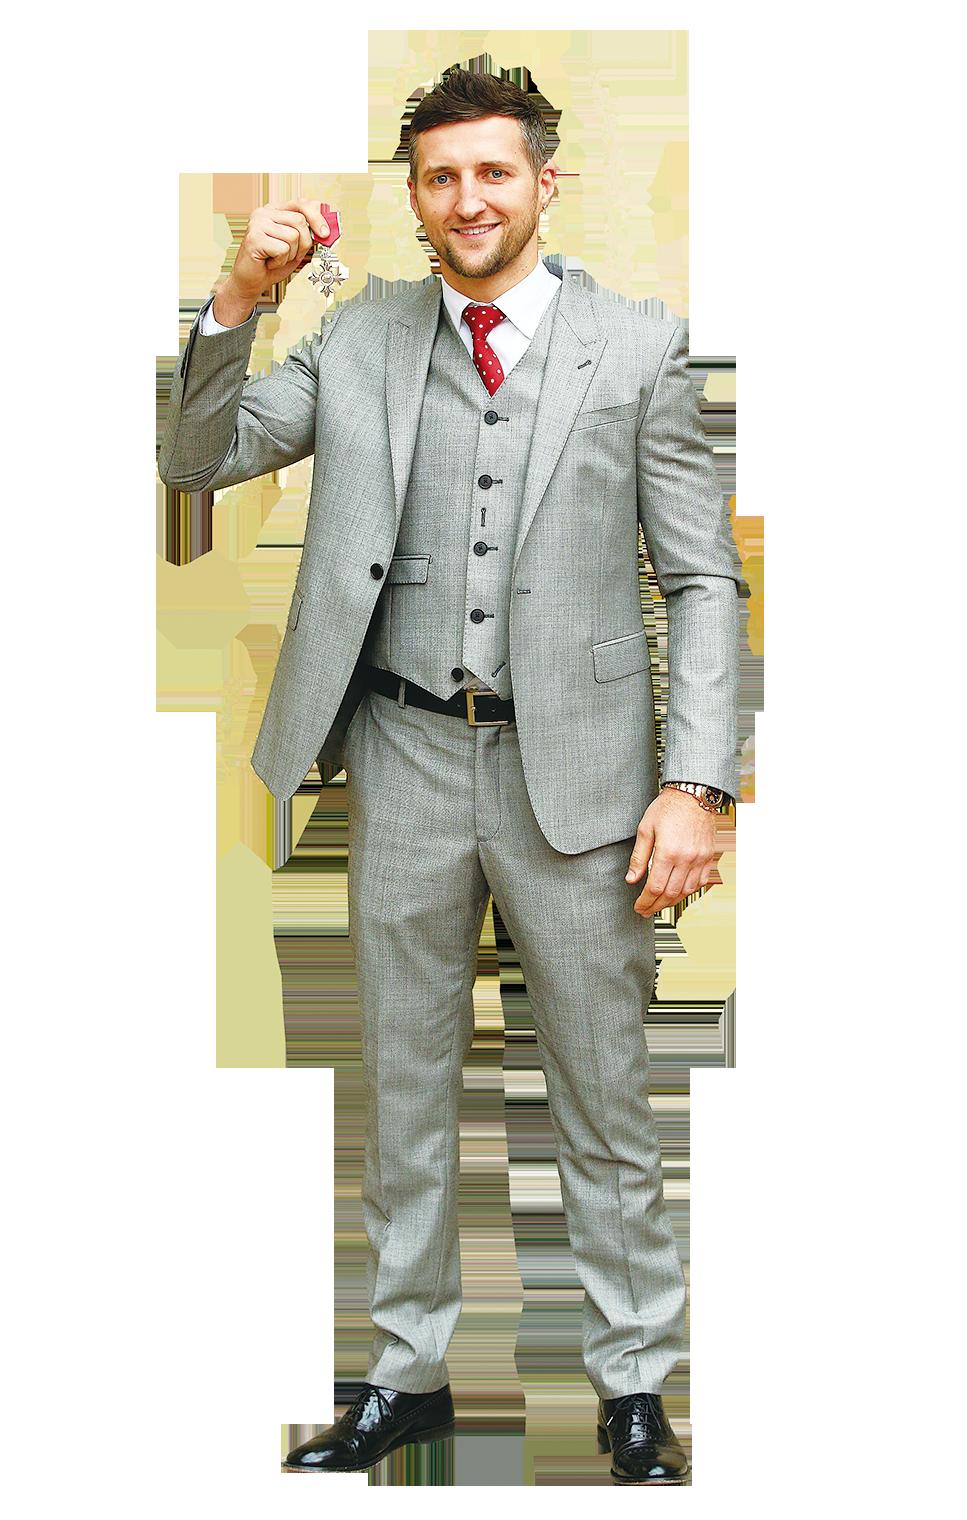 灰色西裝搭配黑色皮鞋最保險。圖為英國拳擊手Carl Froch於2015年11月17日在白金漢宮被授與劍橋公爵。(Jonathan Brady /Getty Images)